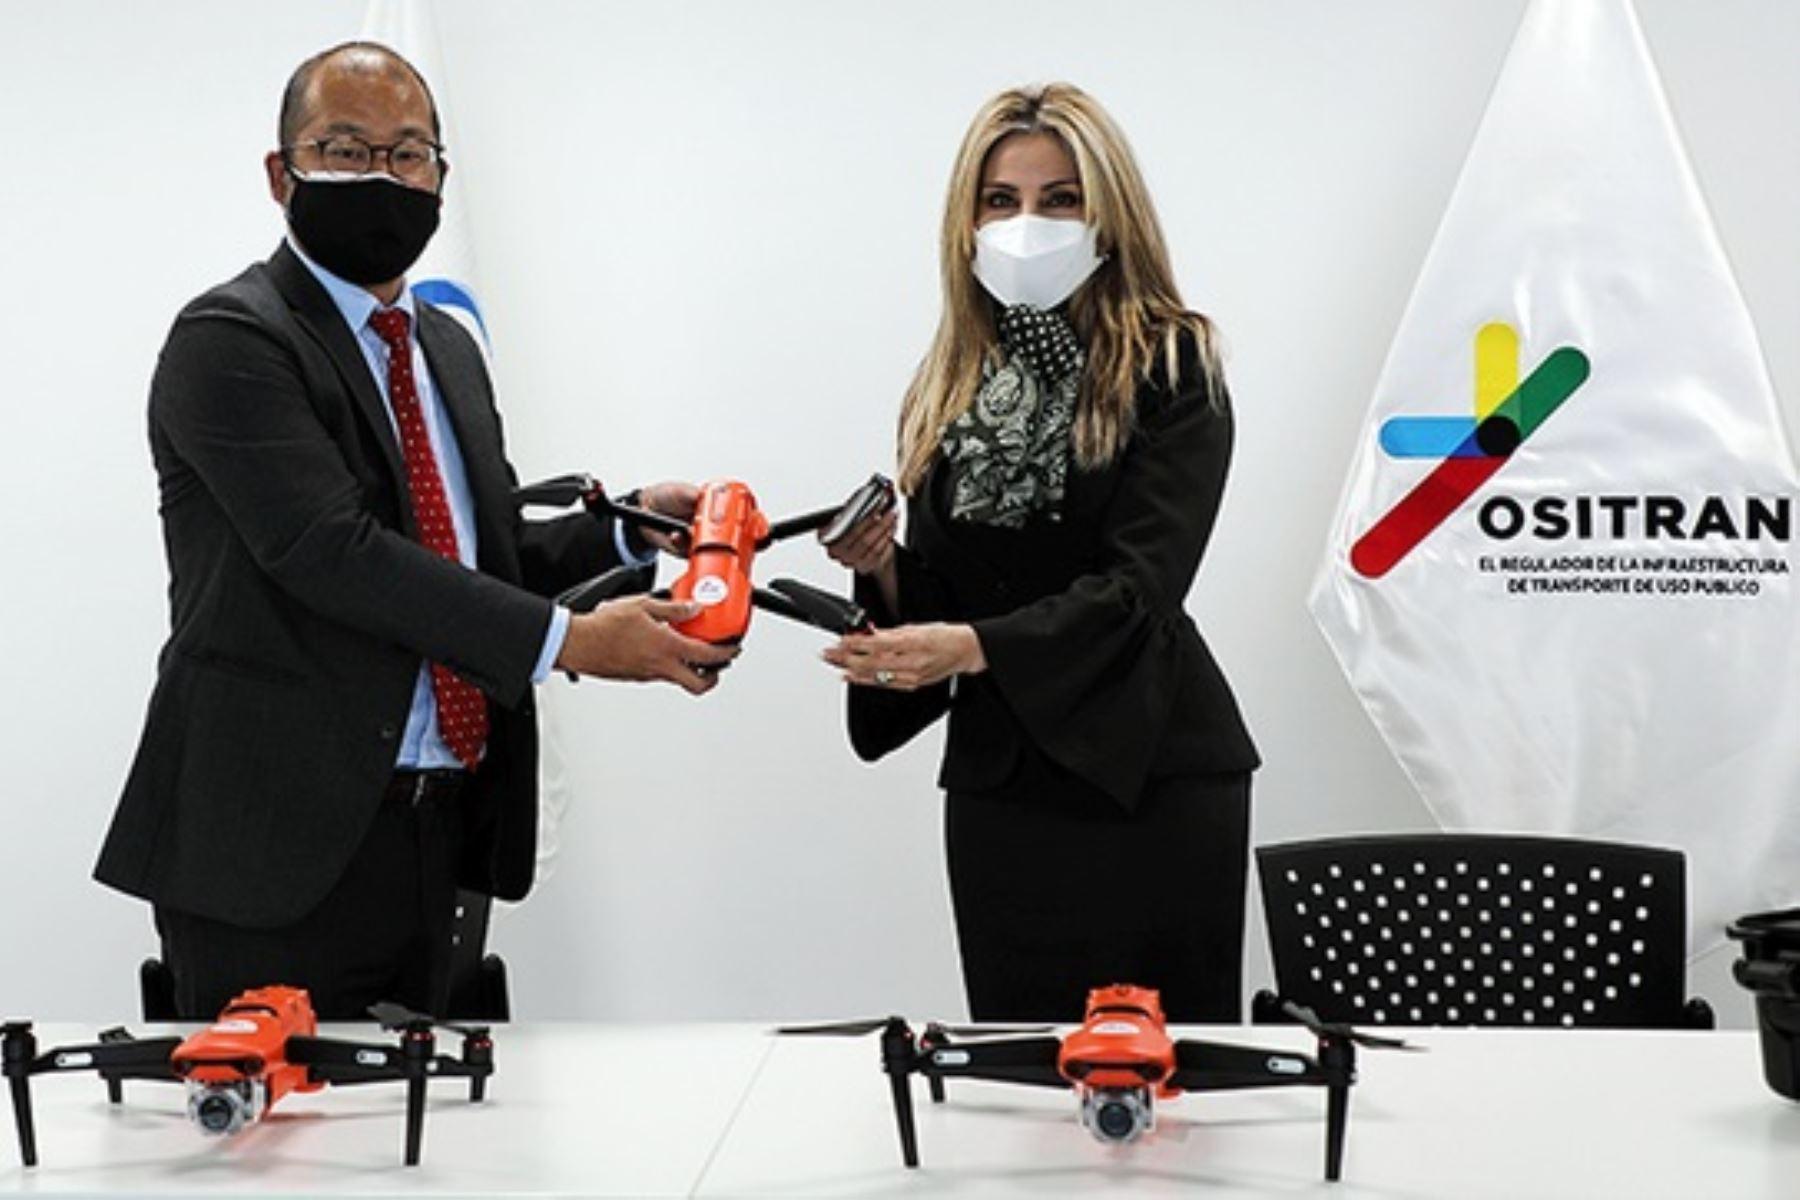 Titular de Ositran, Verónica Zambrano, recibe los drones entregados por Takeharu Nakagawa, representante de la Agencia de Cooperación Internacional de Japón (JICA). Foto: Cortesía.